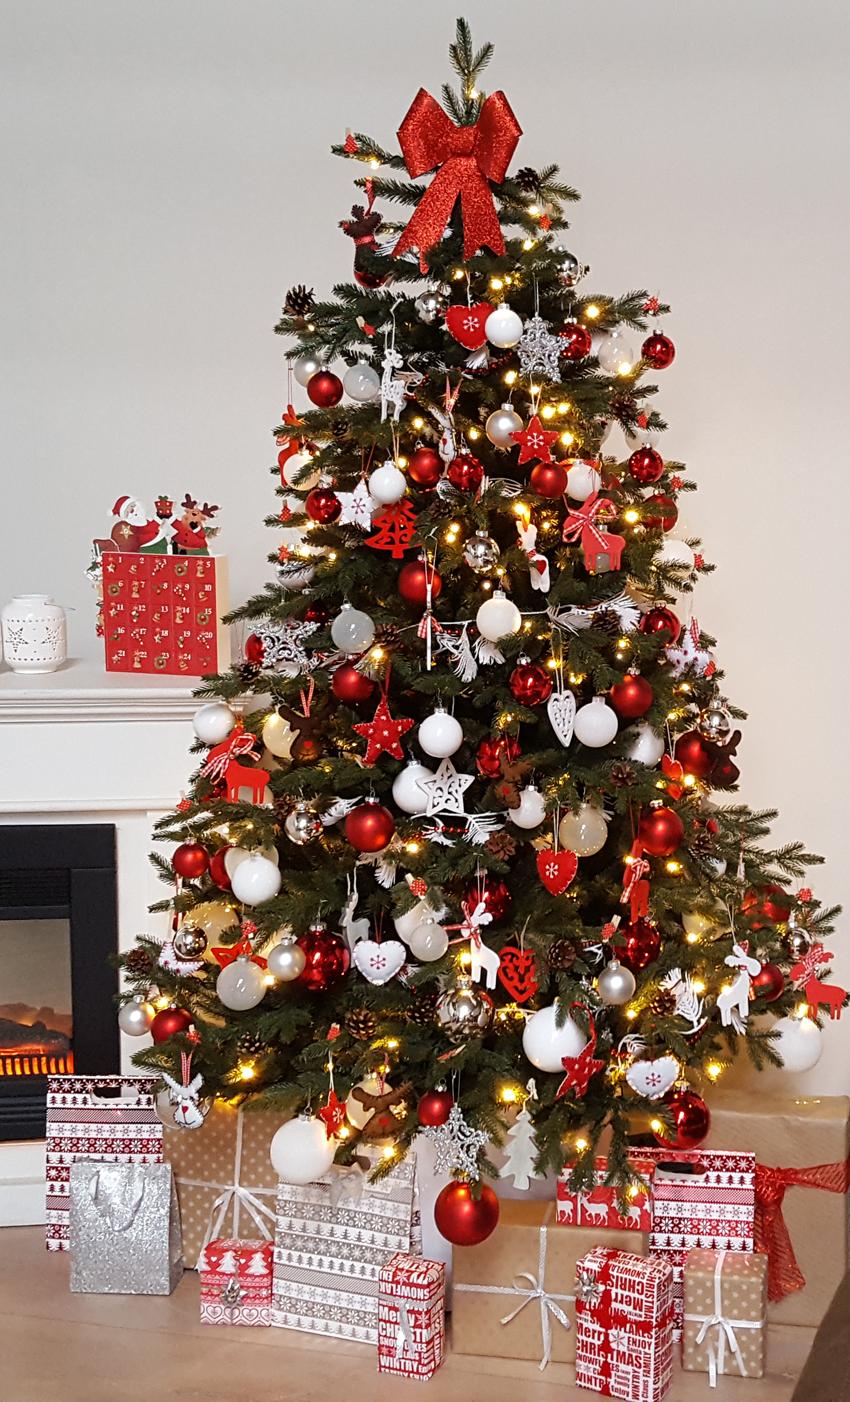 Pin Van Sandy Leunig Op Holiday Things Holiday Decor In 2020 Scandinavische Kerst Thema Kerstbomen Versierde Kerstbomen